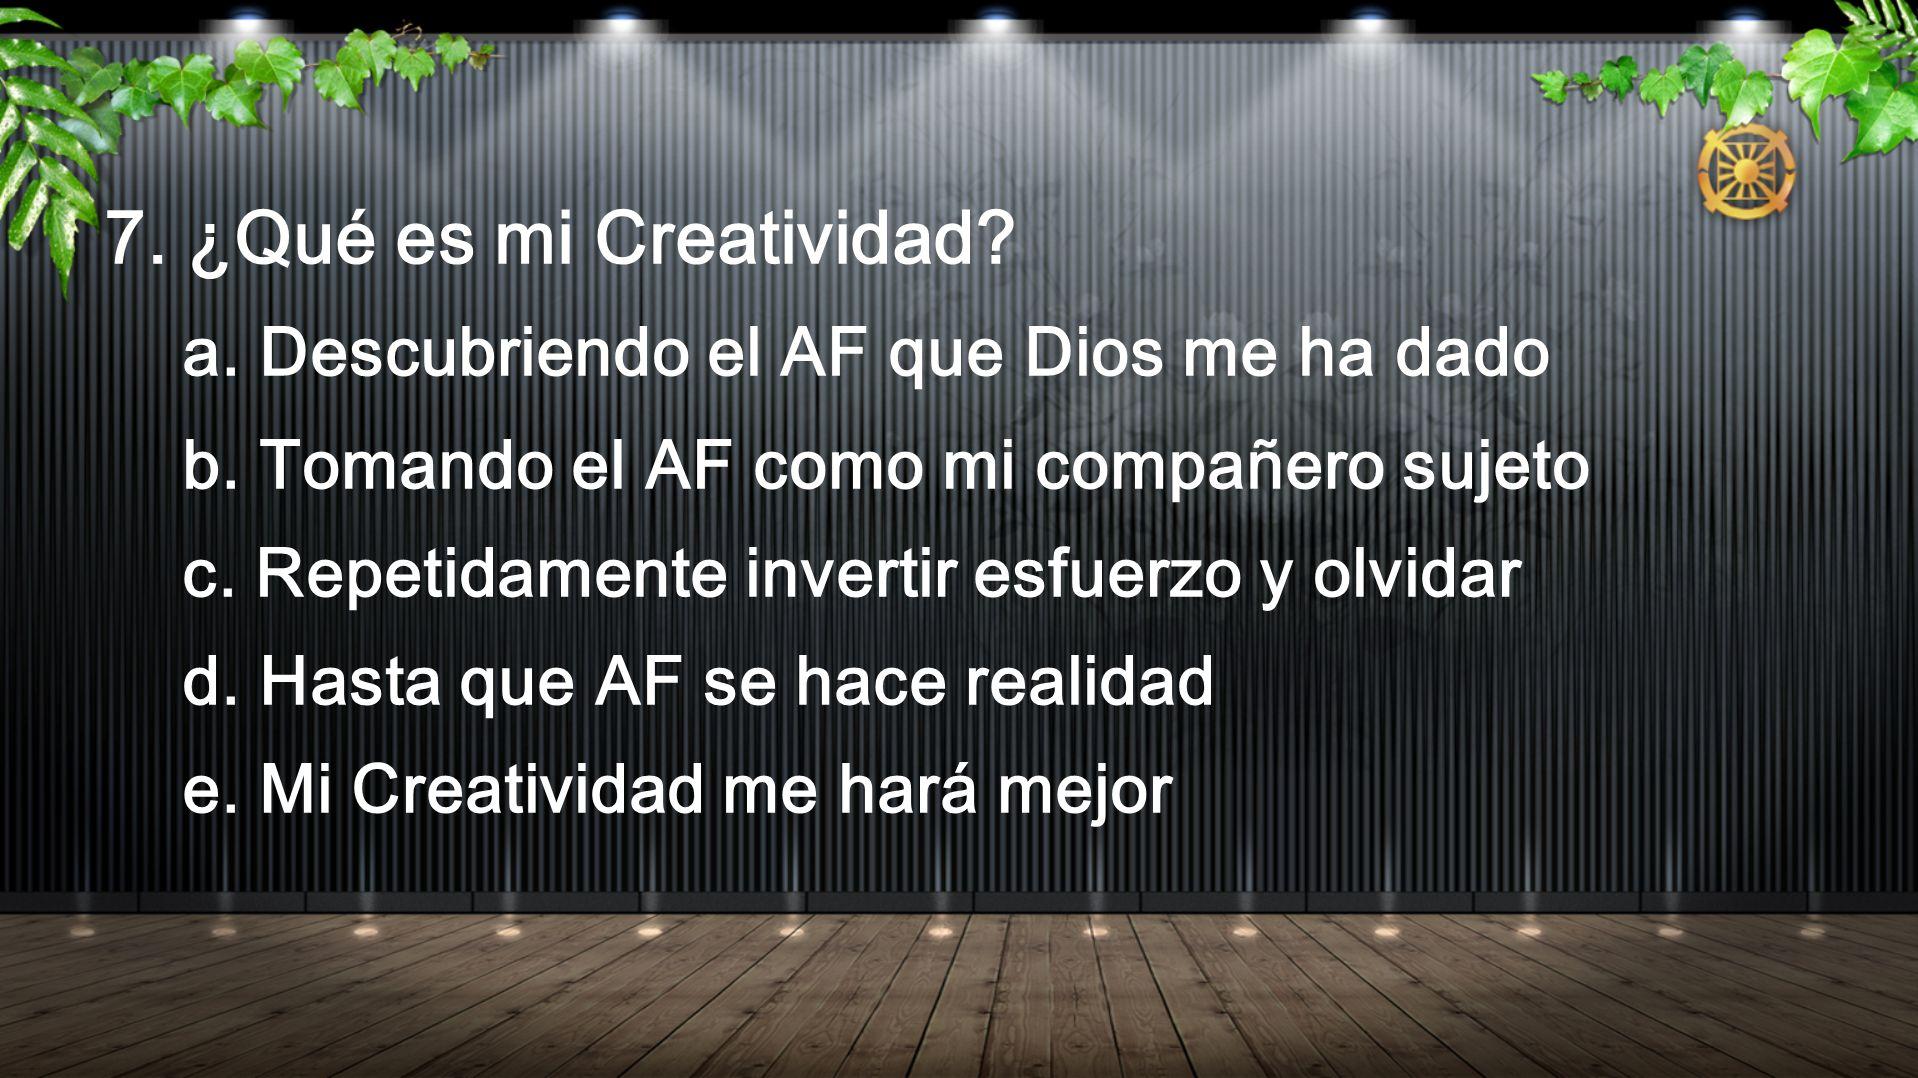 7. ¿Qué es mi Creatividad? a. Descubriendo el AF que Dios me ha dado b. Tomando el AF como mi compañero sujeto c. Repetidamente invertir esfuerzo y ol